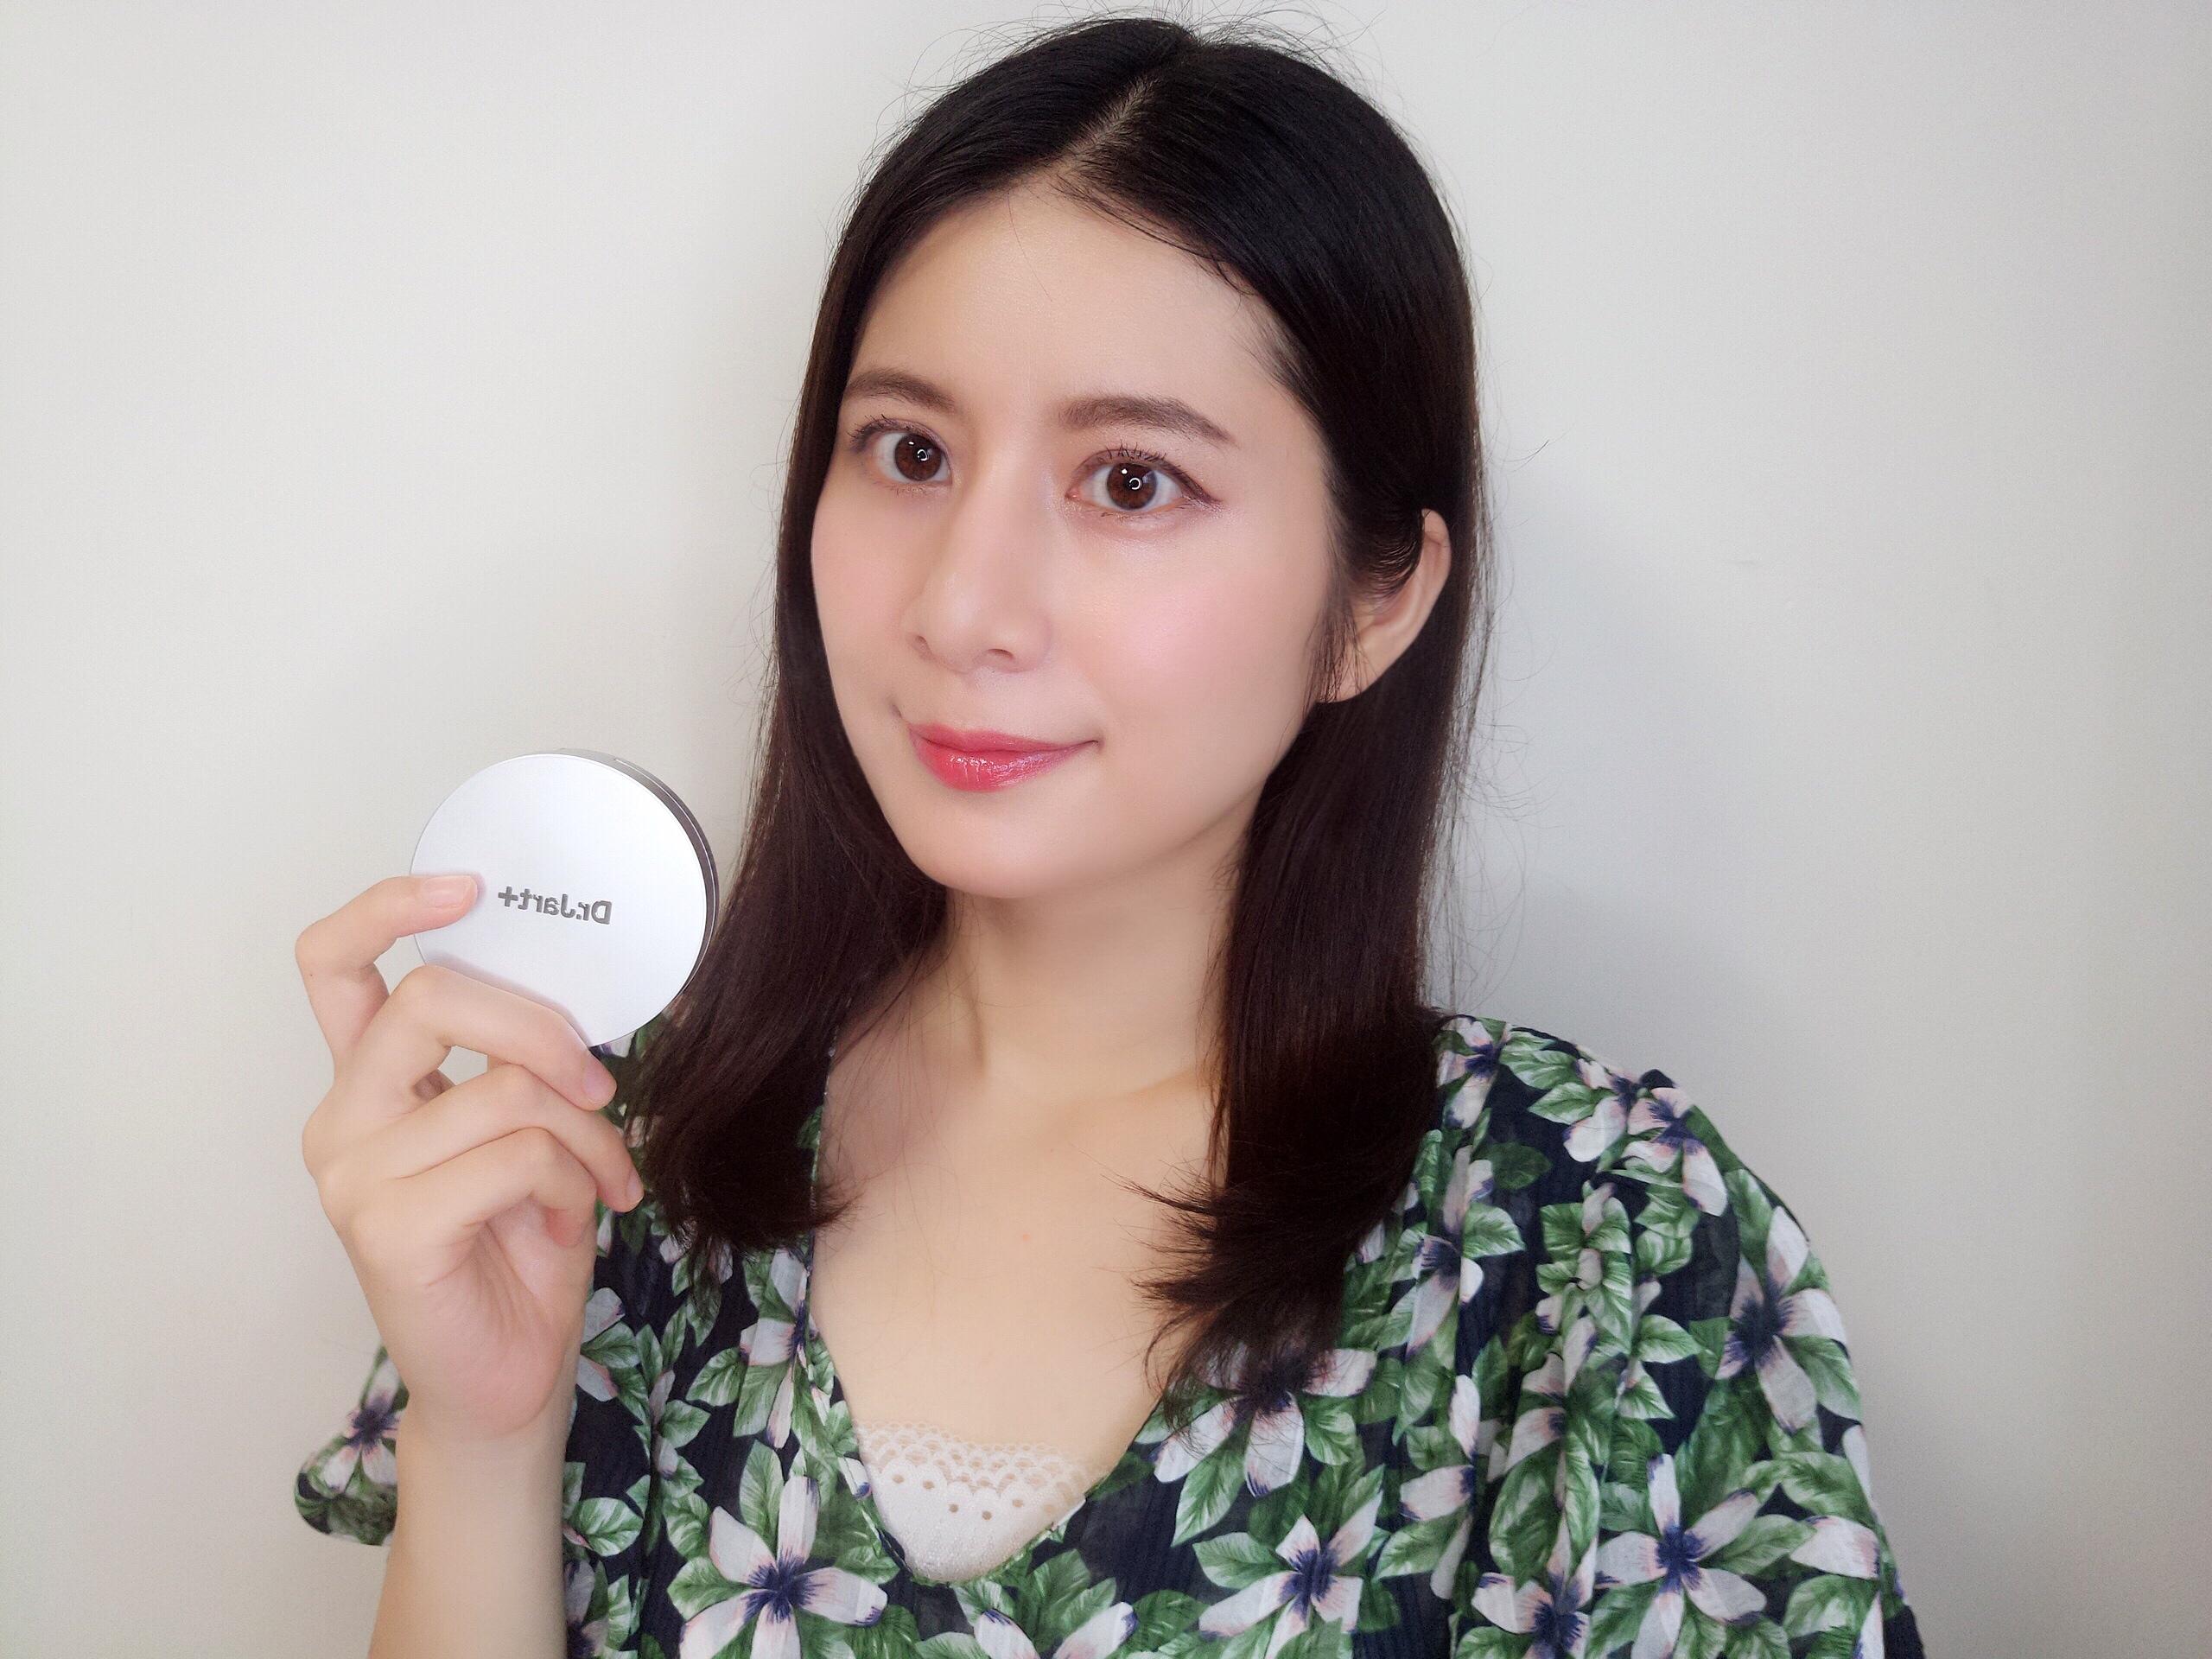 有了这两款素颜神器,立刻拥有韩剧女主的自然牛奶光泽皮肤.